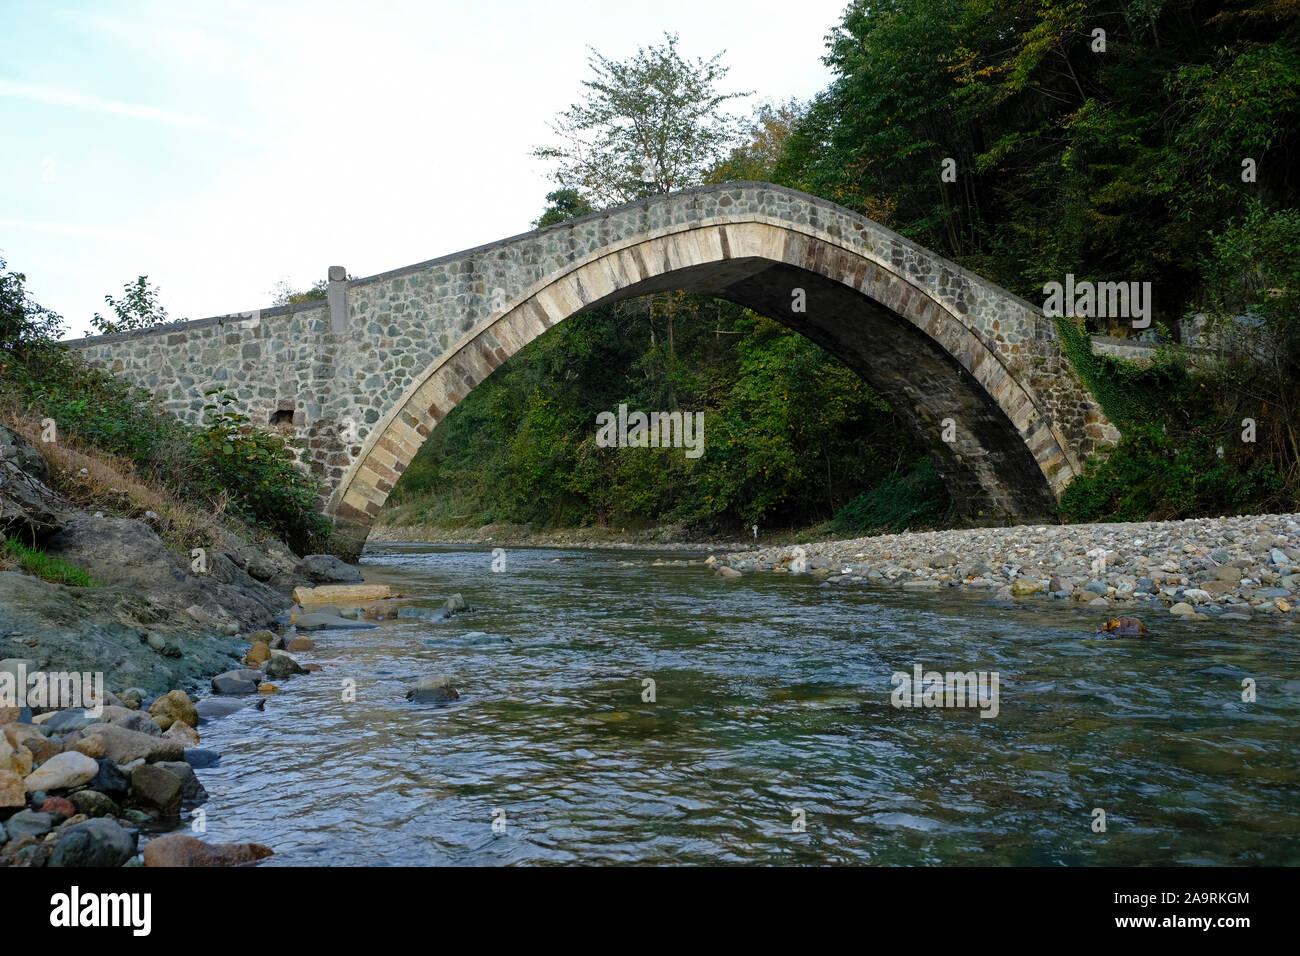 Il y a de nombreux ponts de pierre Ottoman le long de la vallée d'yanbolu à Trabzon province. L'un d'entre eux est le pont de yeniköy Banque D'Images